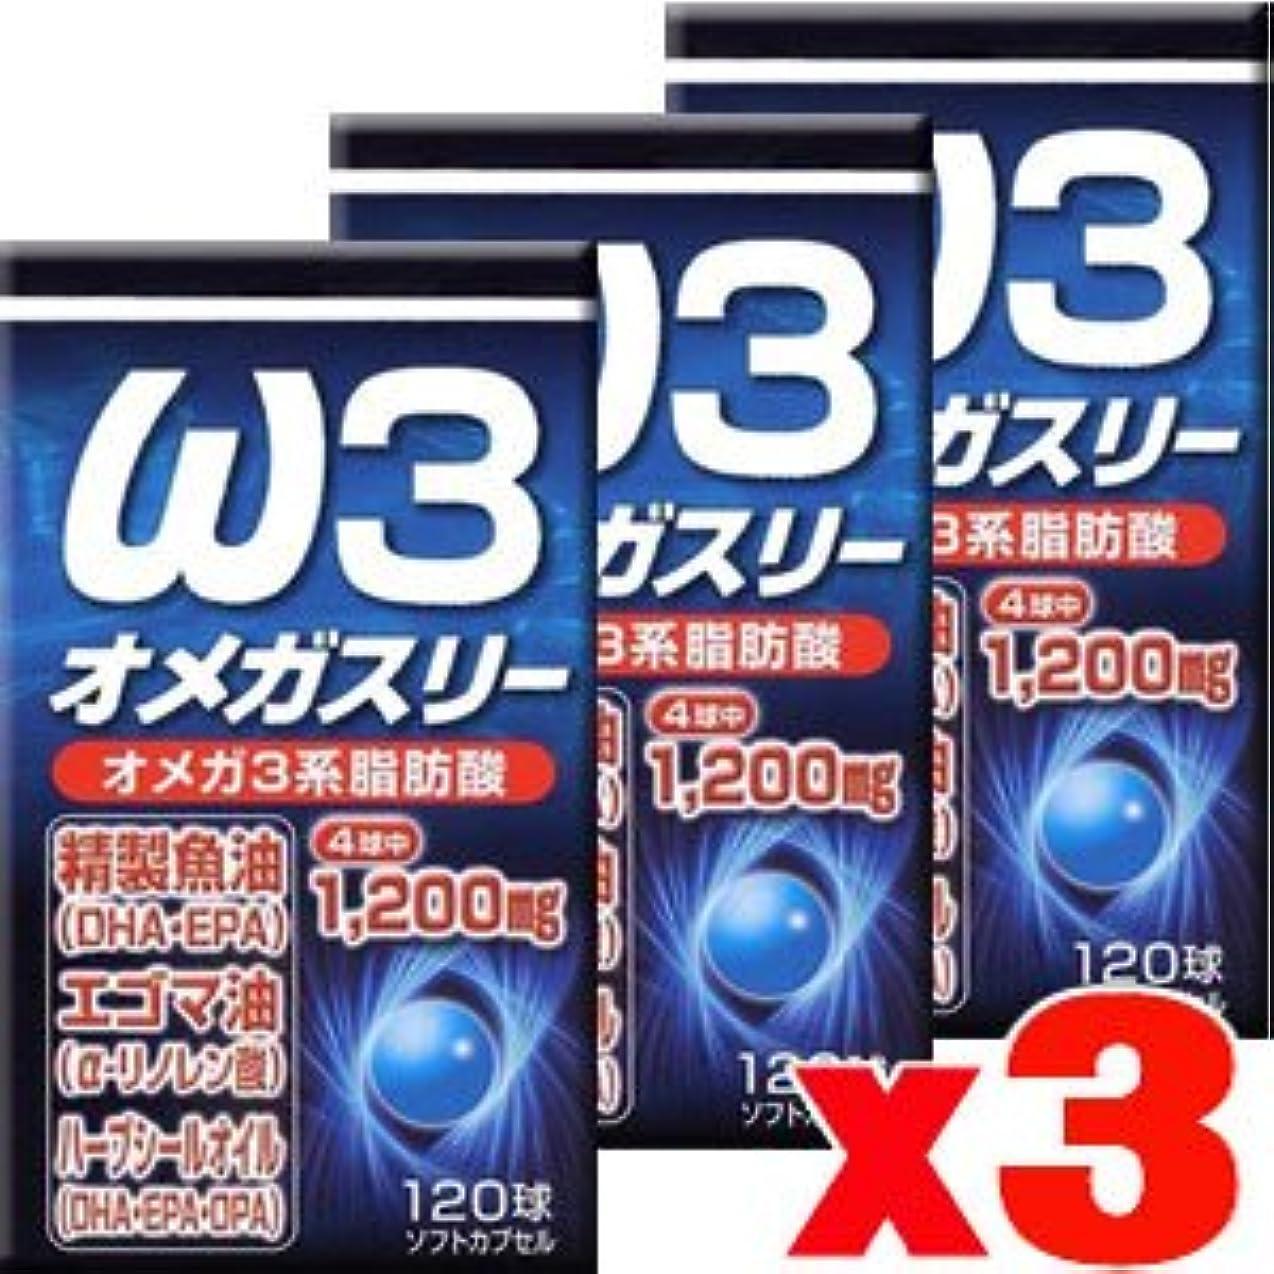 腐敗ドキュメンタリー団結するユウキ製薬 オメガスリー 120球x3個(4524326201898)